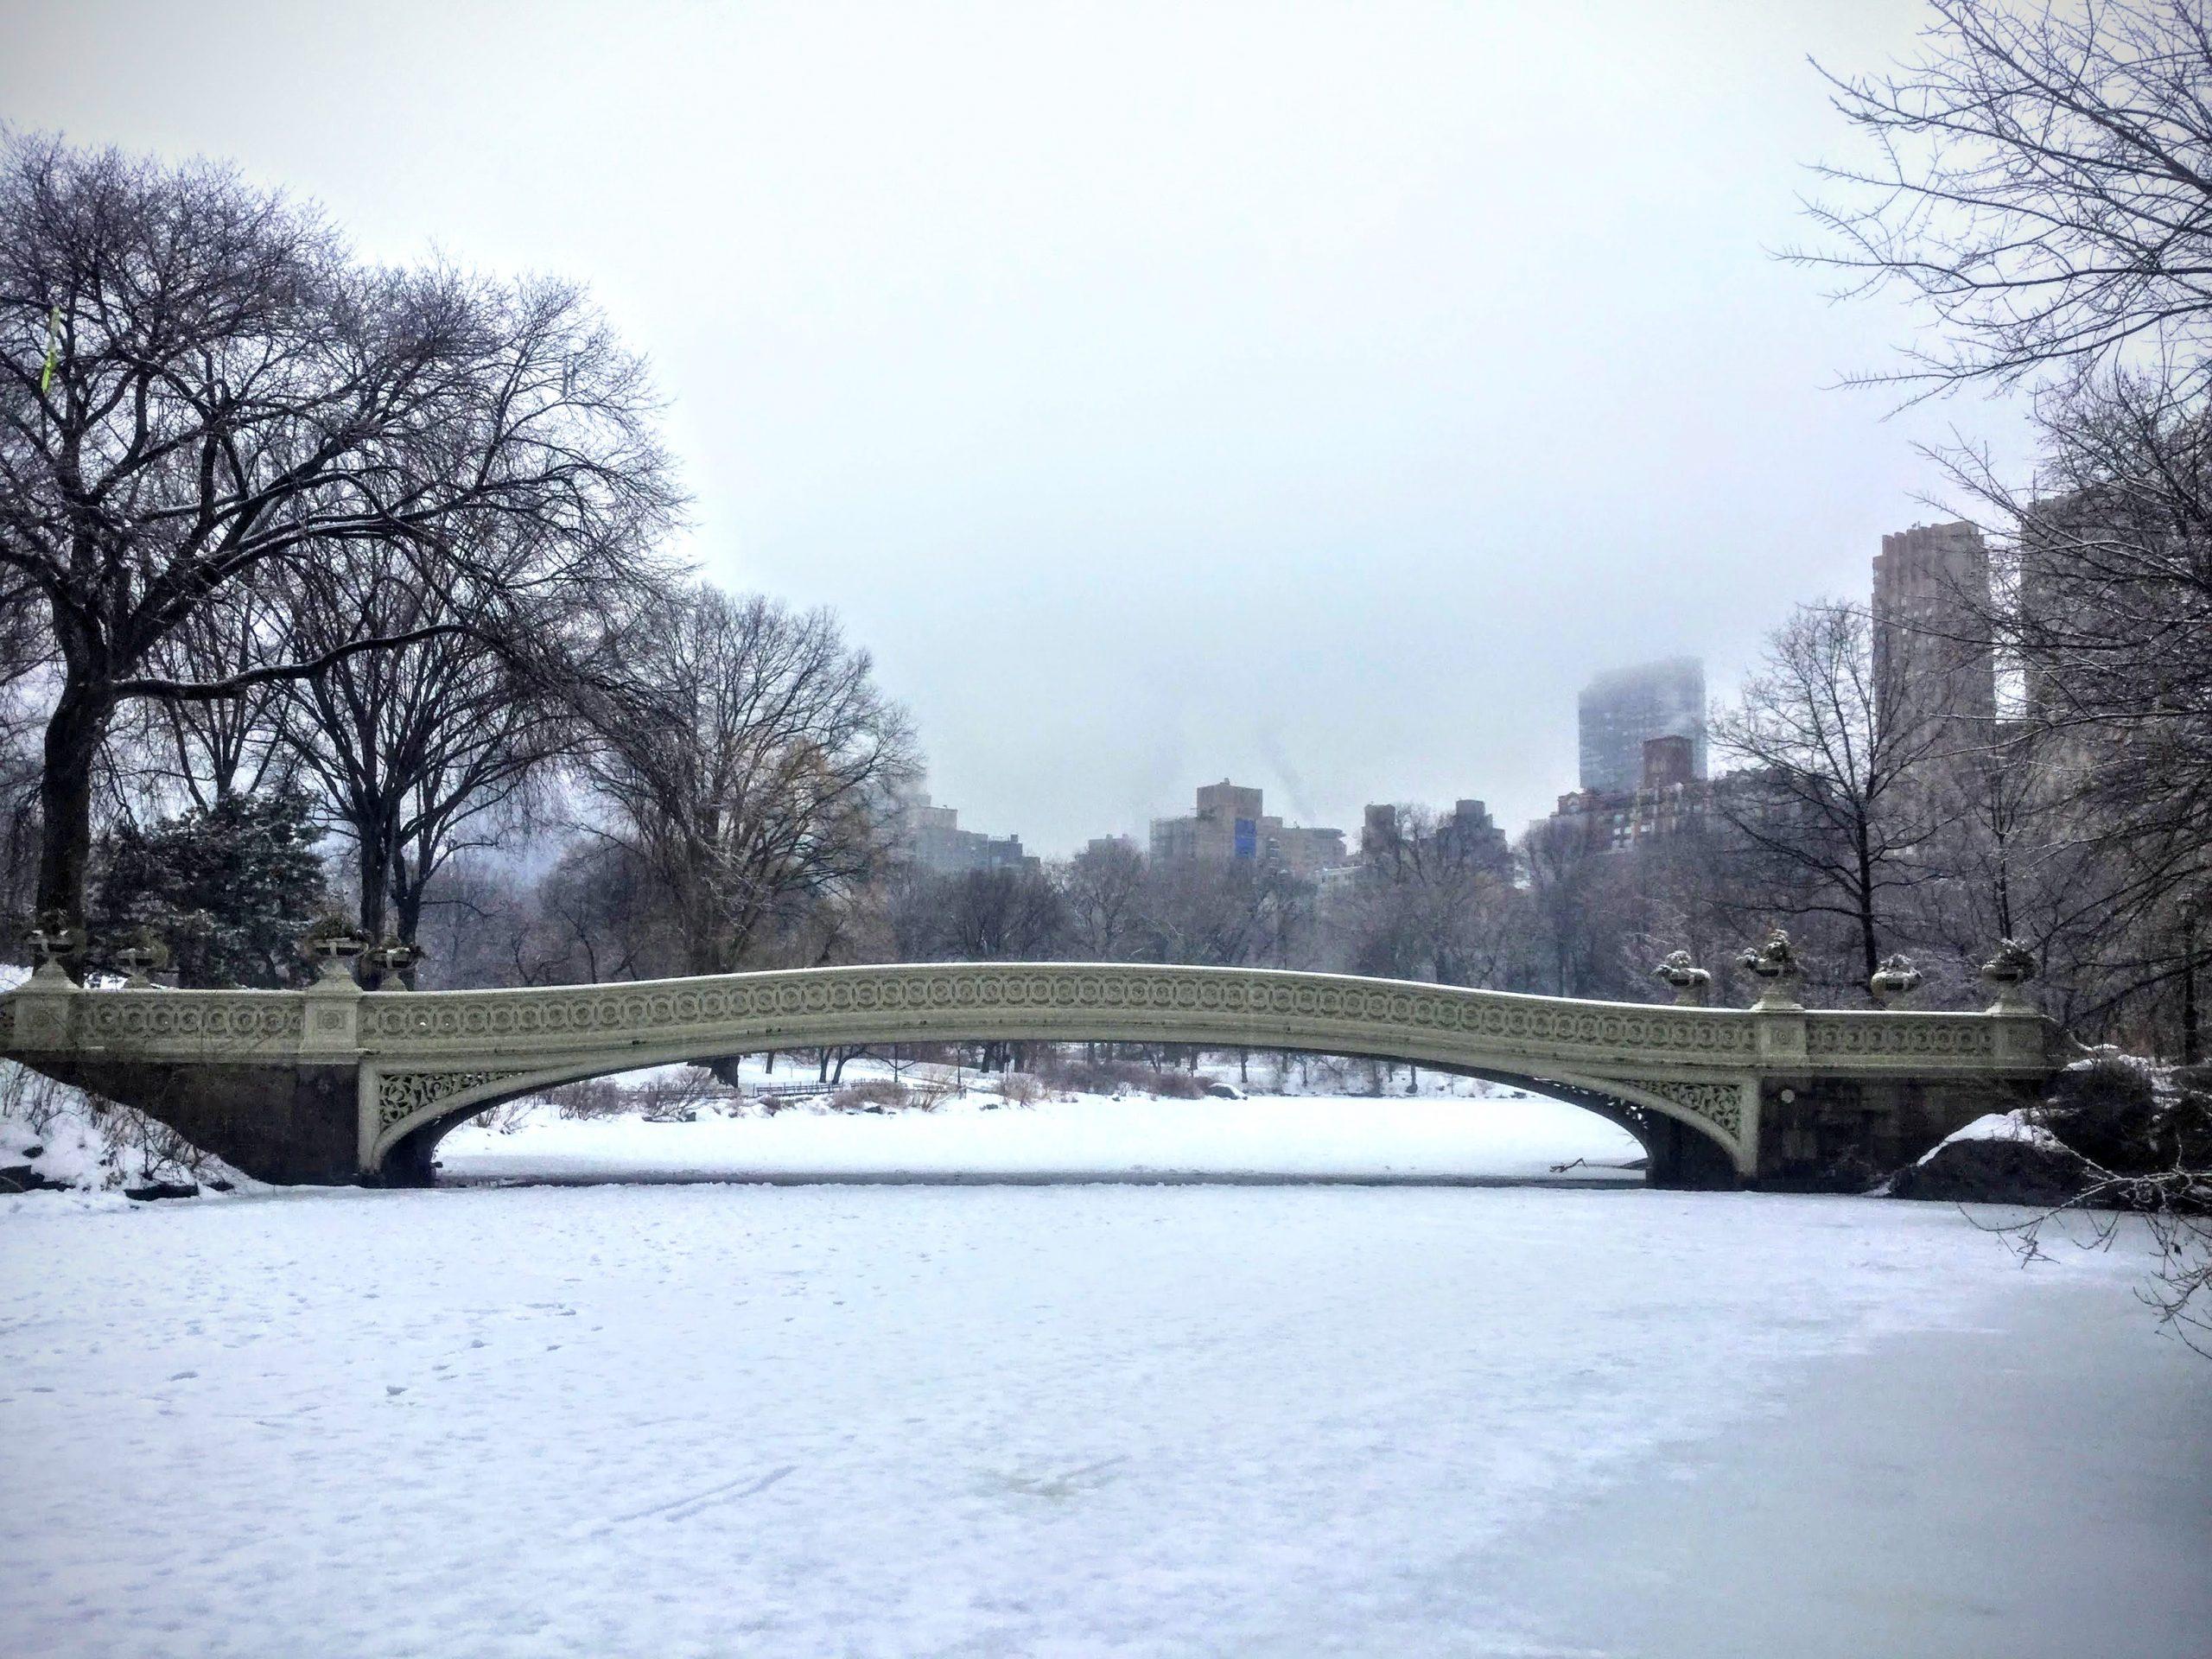 Bow Bridge in the snow